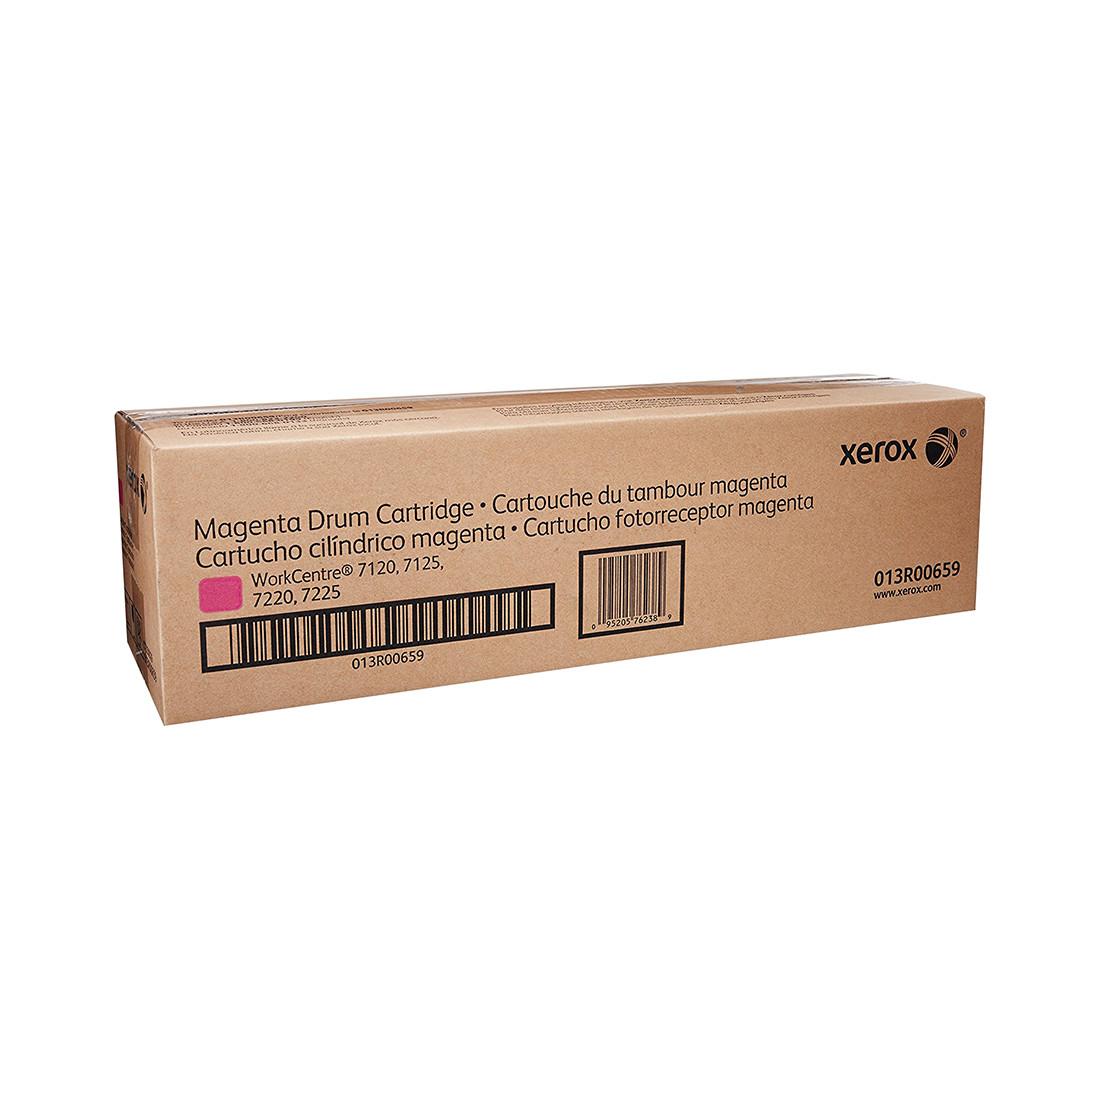 Фотобарабан лазерный Xerox 013R00659 WCC 7220, Magenta